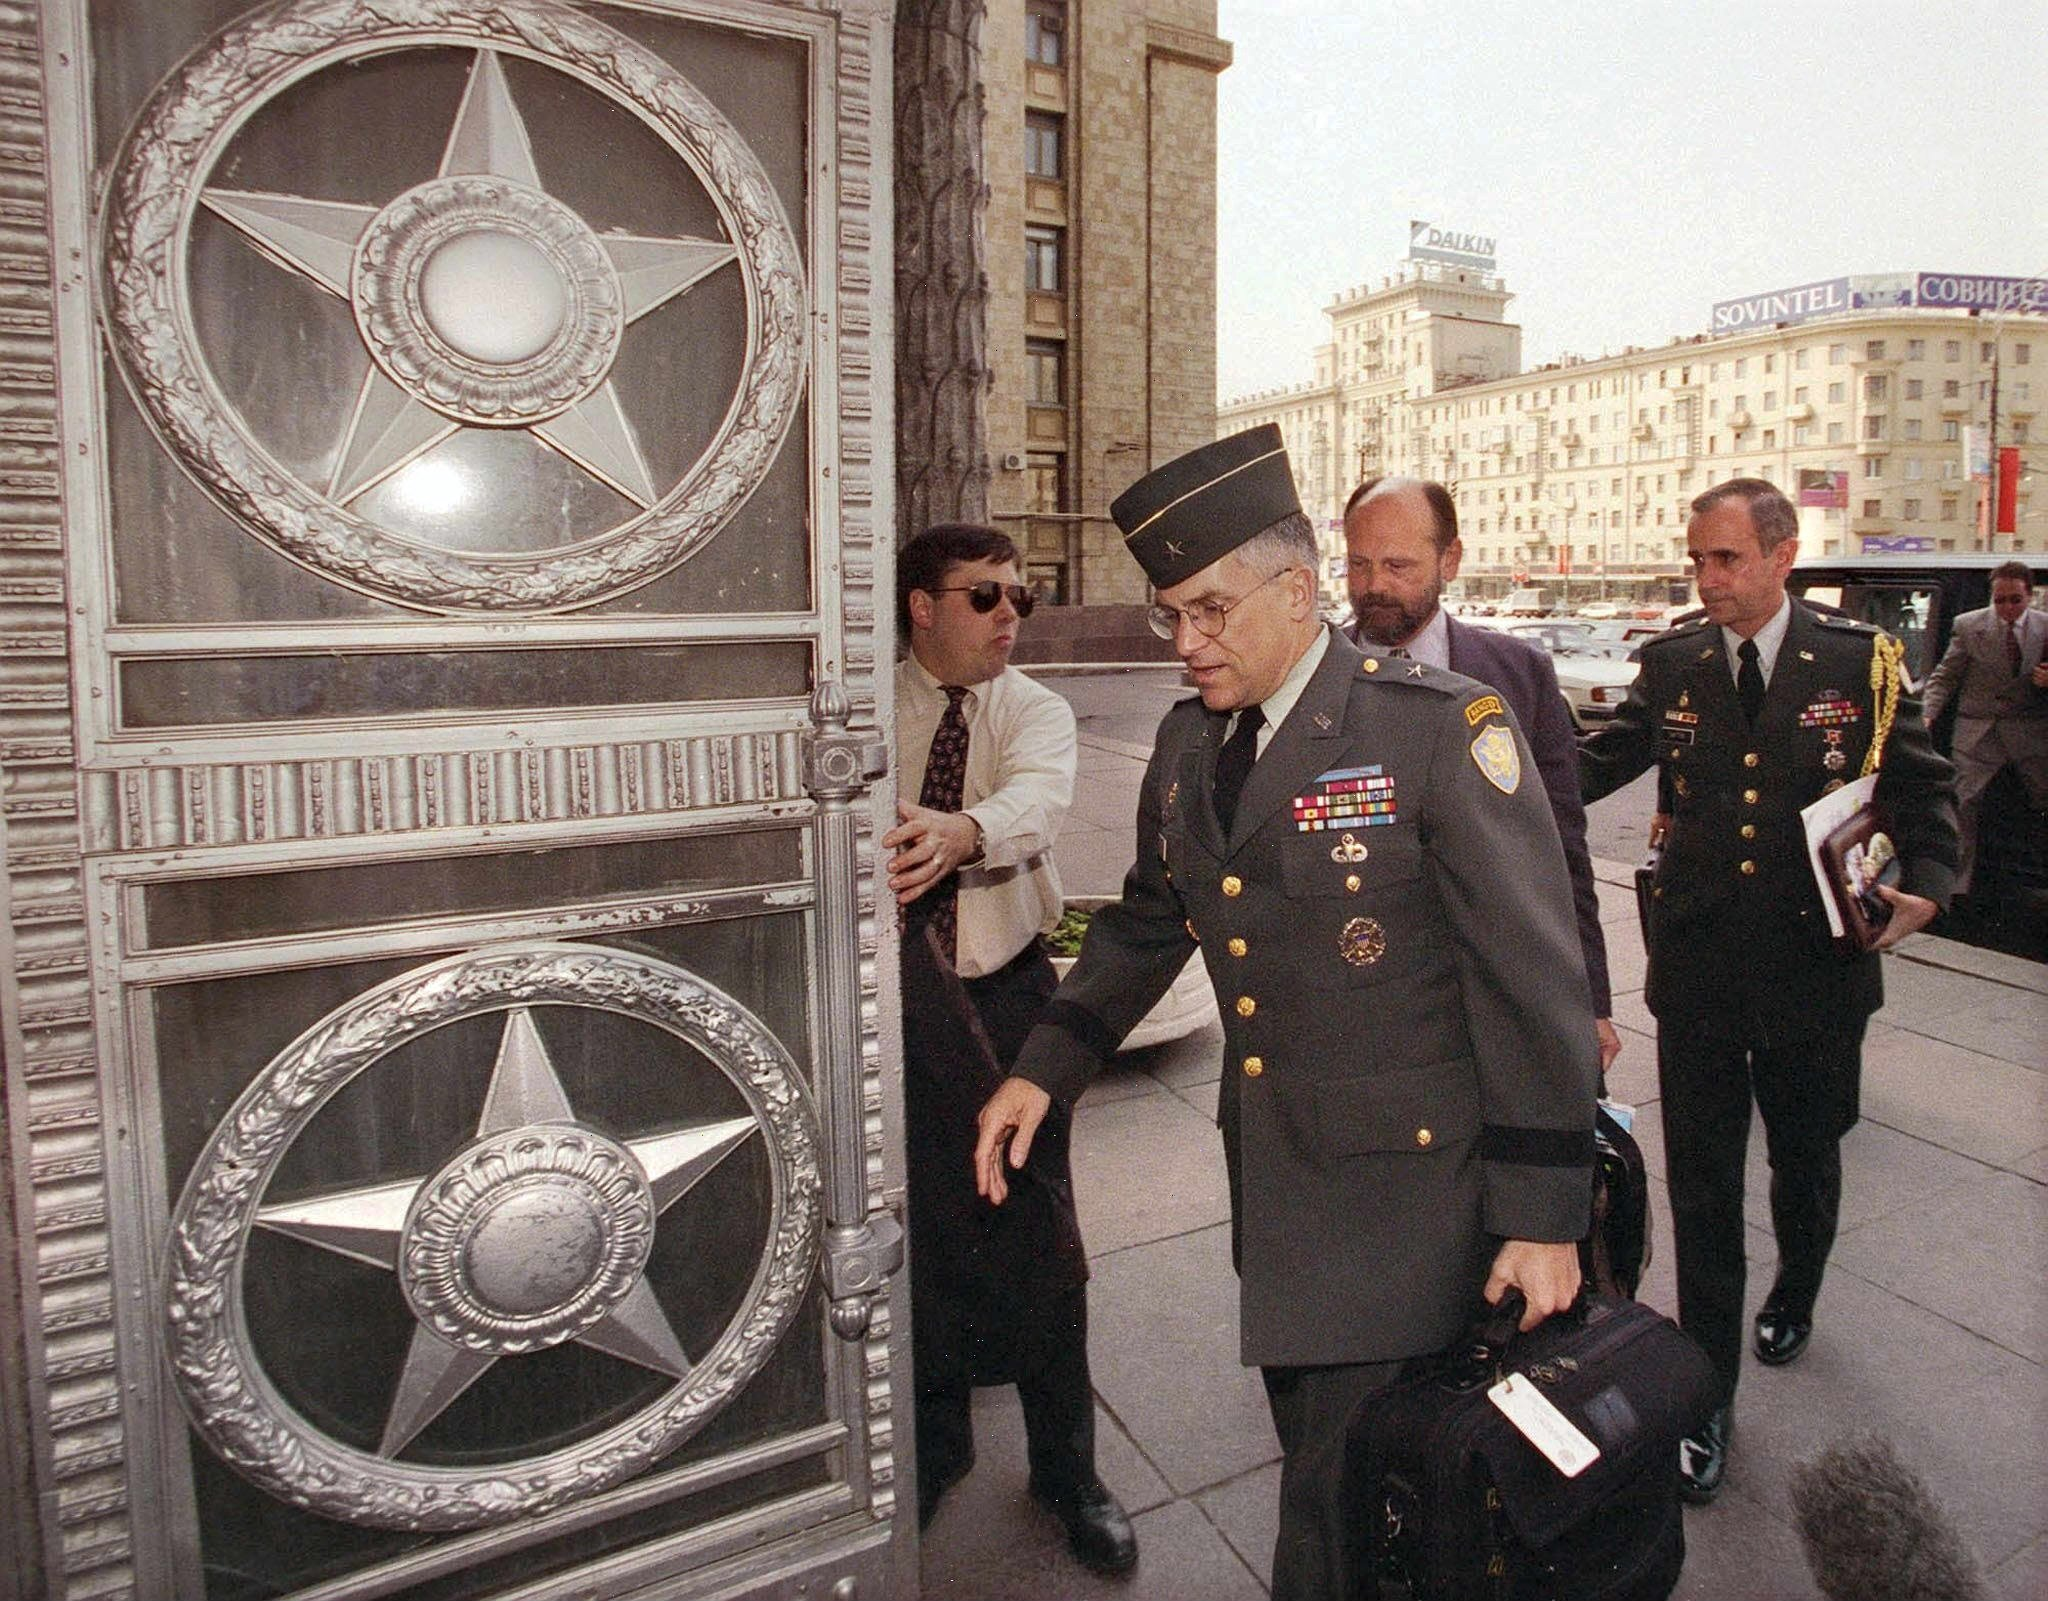 Бригадный генерал Кит Дейтон (справа) входит в здание МИД РФ в Москве, 1999 год (фото - EPA)